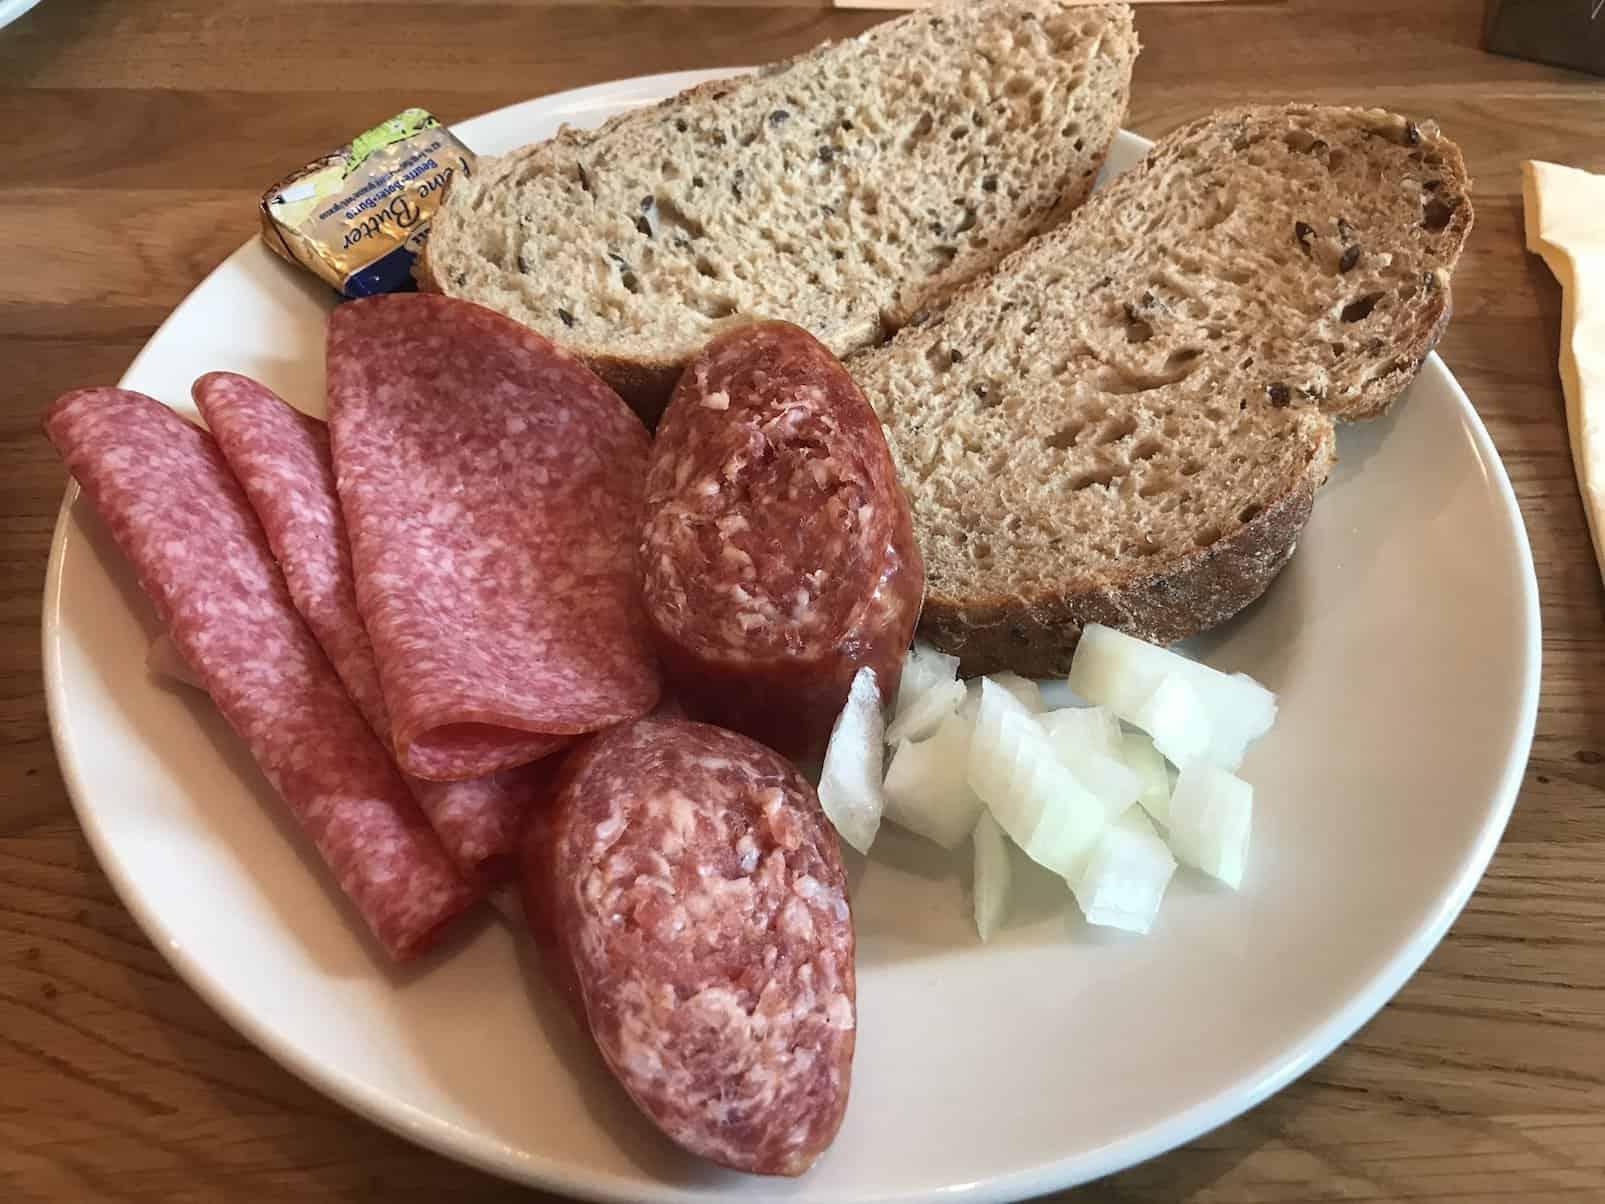 Zweiter Teller vom Frühstücksbuffet: Salami und Mett mit Zwiebeln im Alex am Potsdamer Platz in Berlin